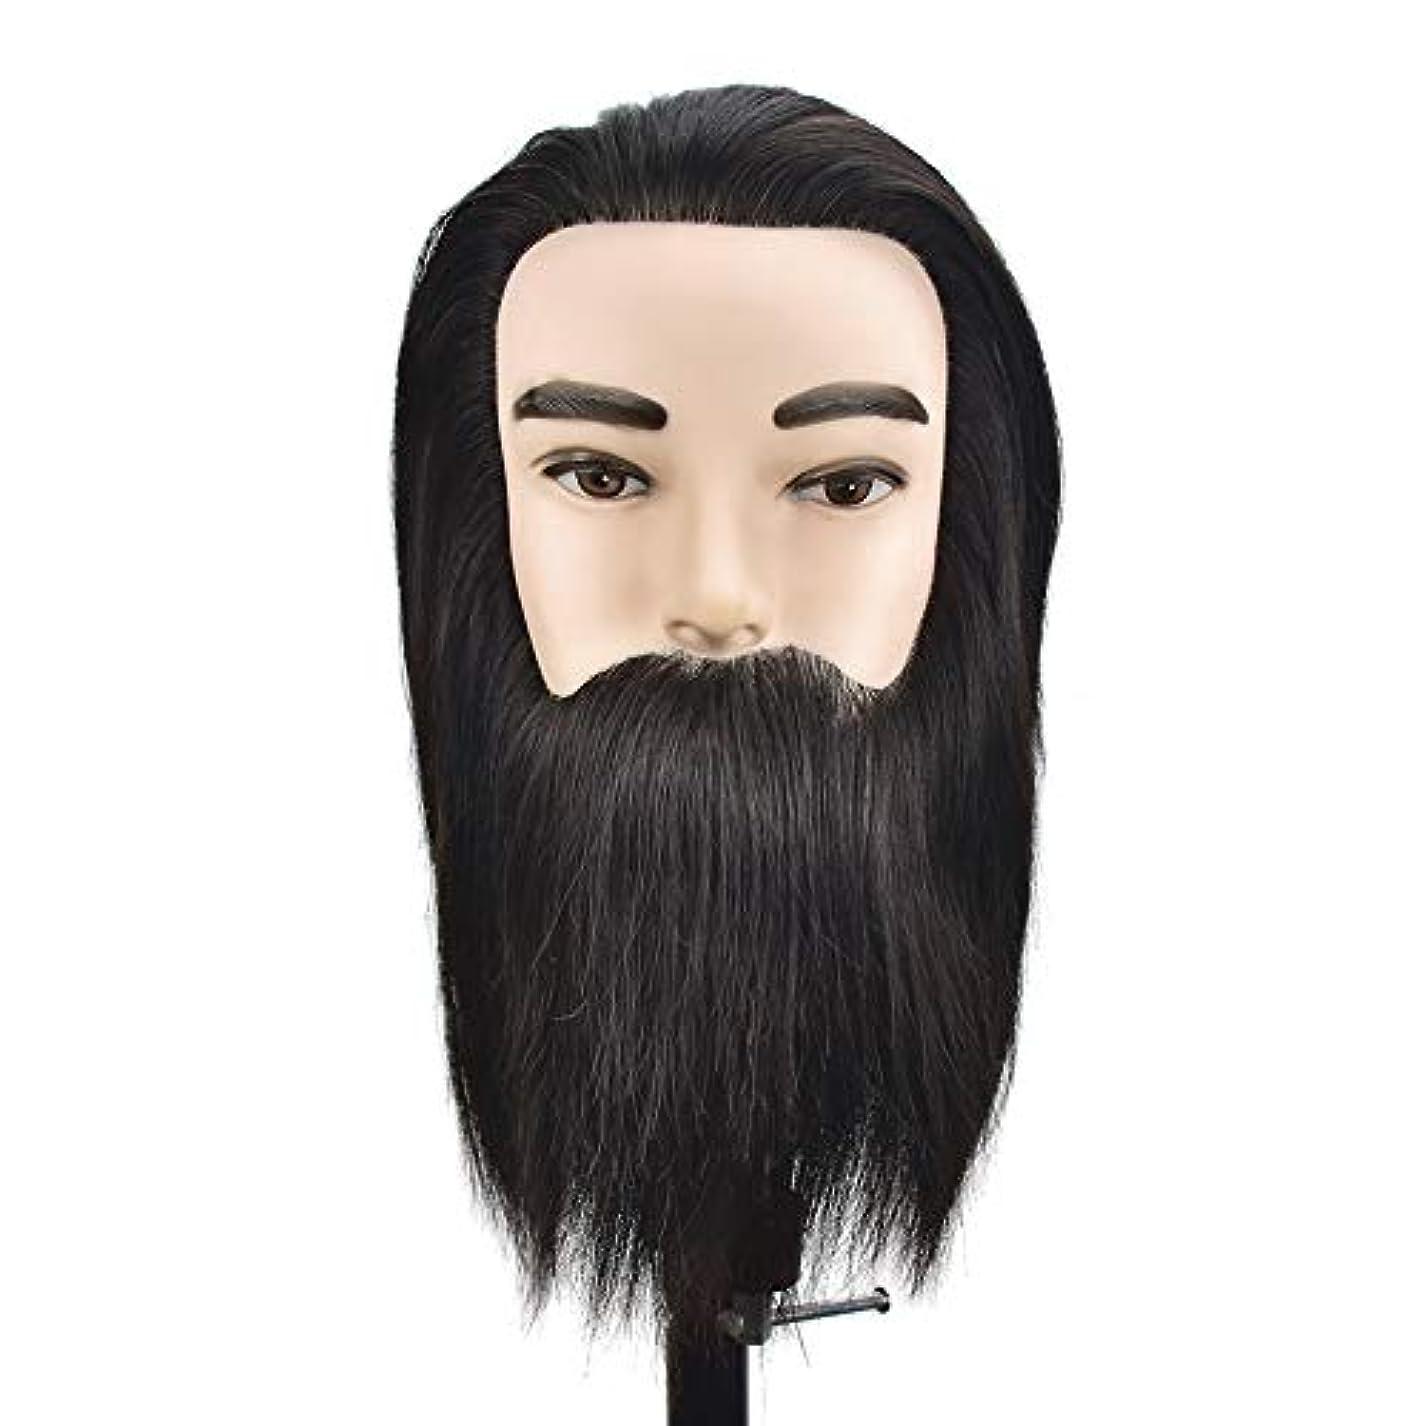 レザー津波爵リアル人間の髪トレーニングヘッドパーマ髪モデル髪染め理髪ダミーヘッドトリミングひげ学習ヘッドモデル